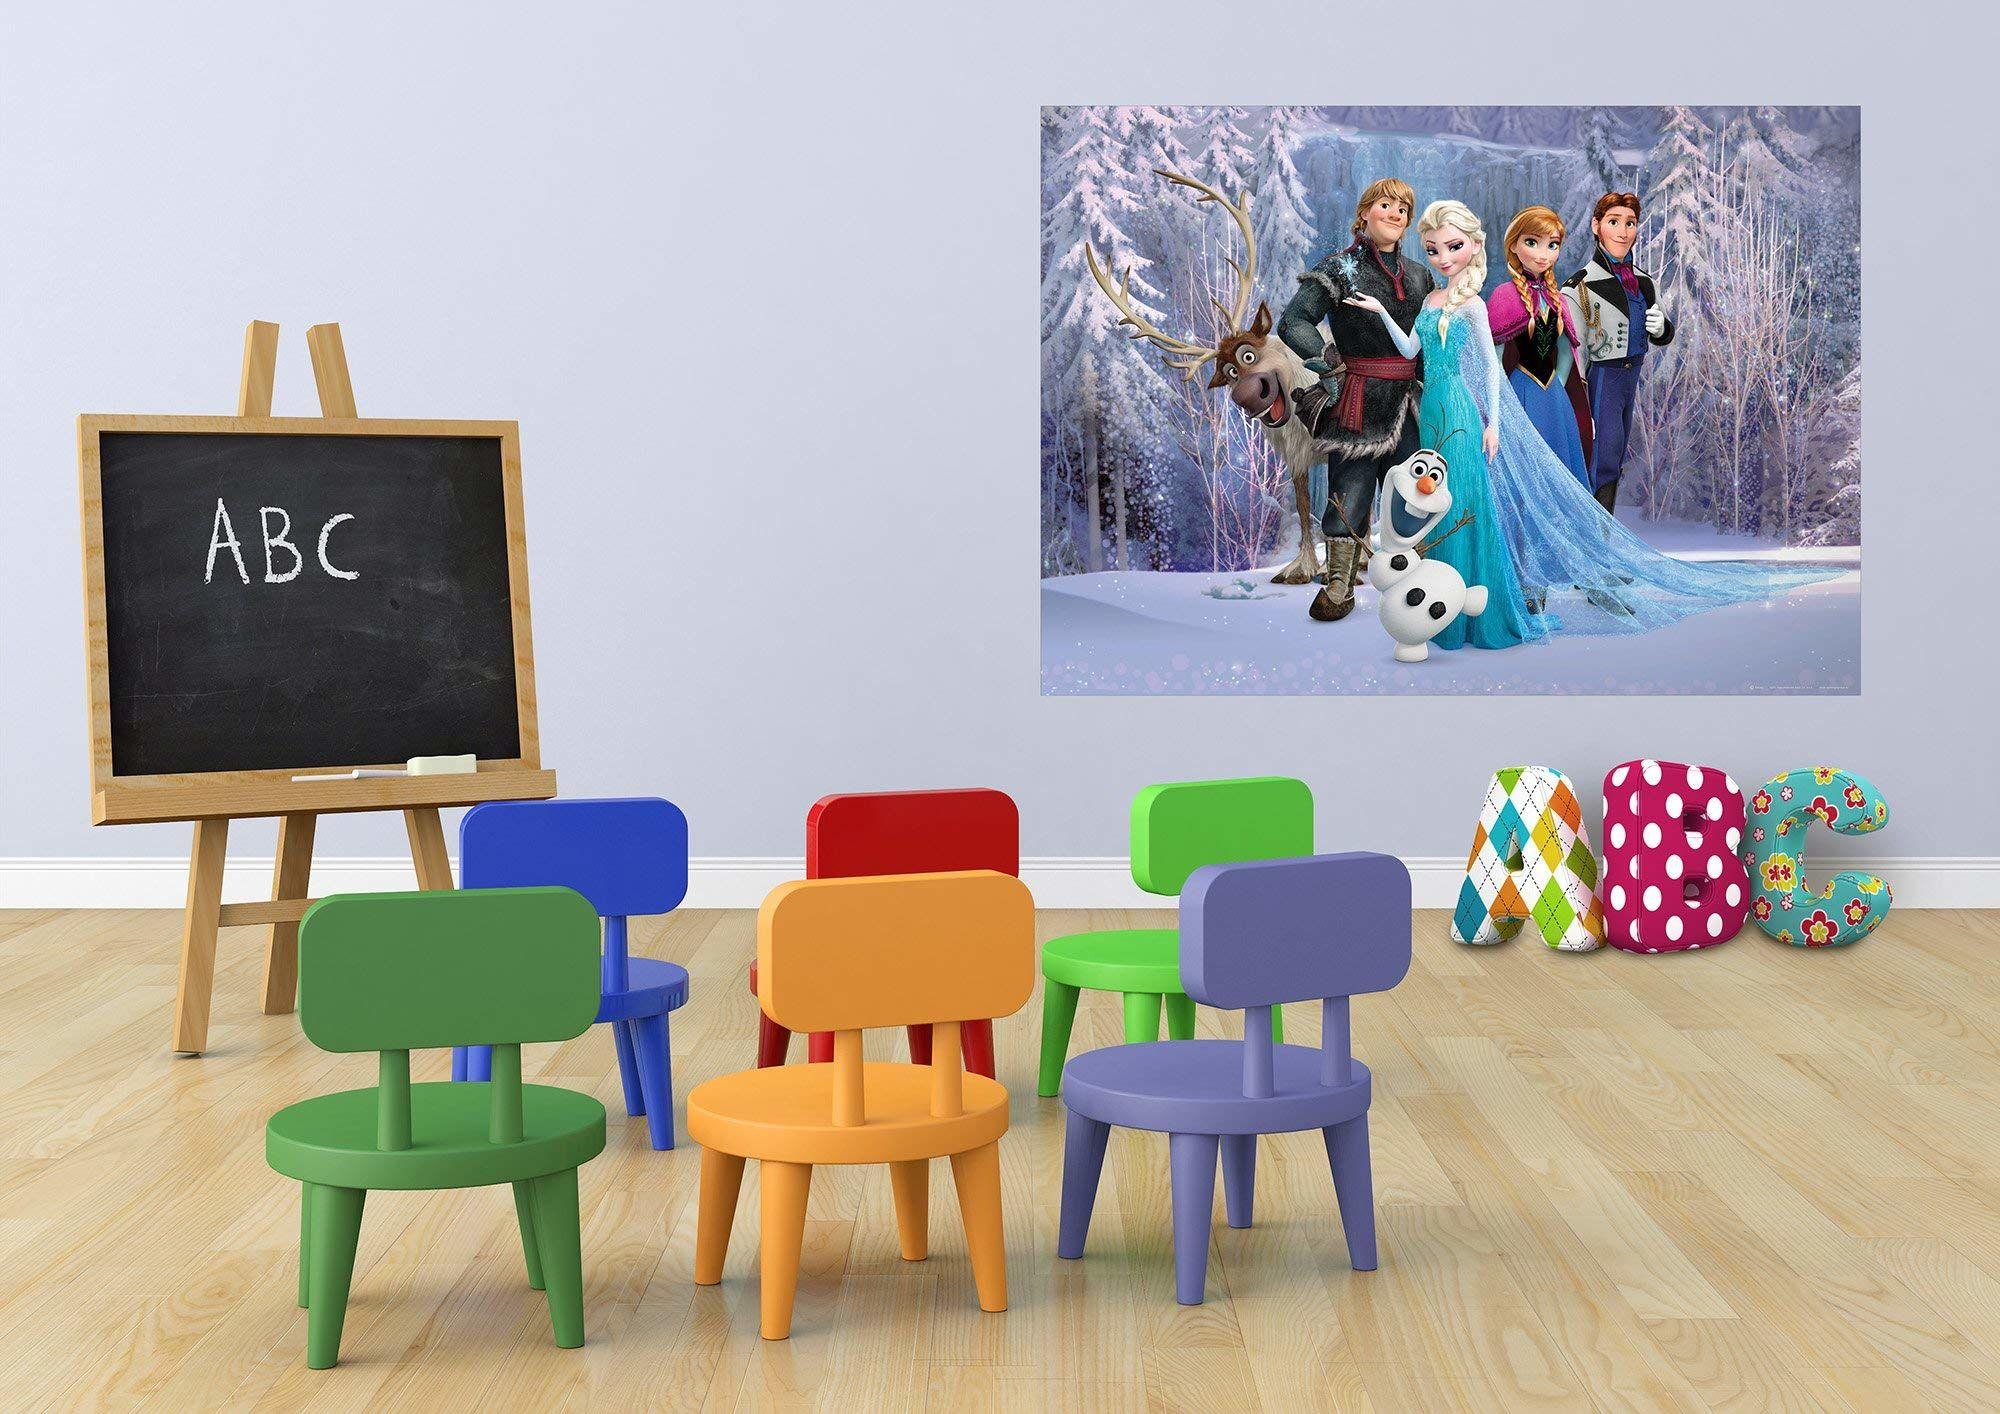 Disney Frozen Fototapeta fototapeta do pokoju dziecięcego, papier, wielokolorowa, 0,1 x 160 x 115 cm